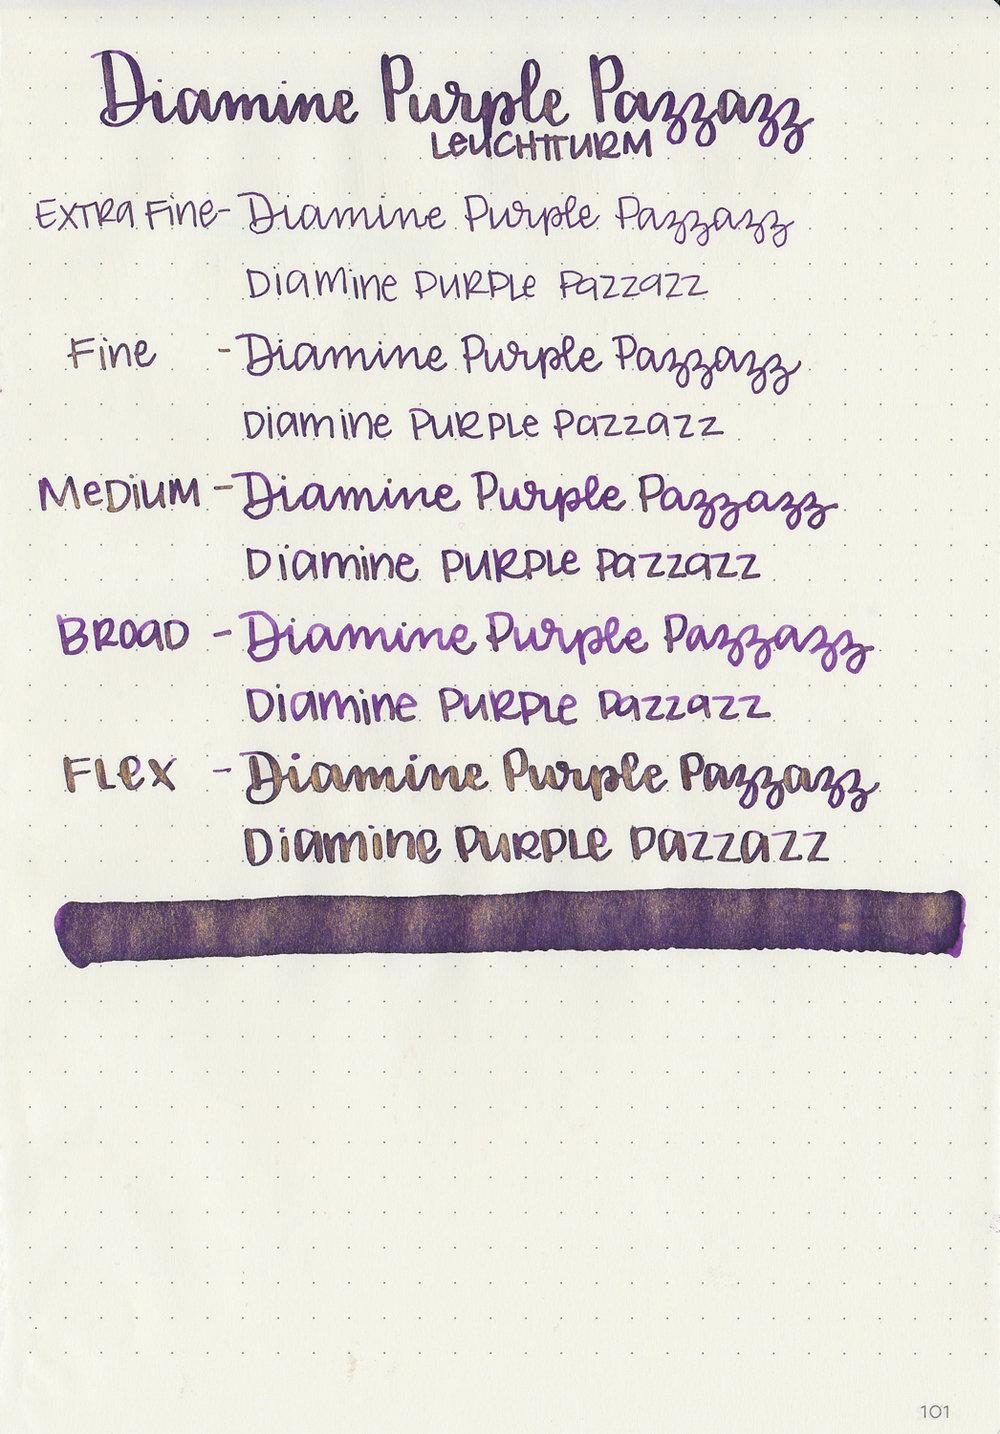 DPurplePazzazz-9.jpg